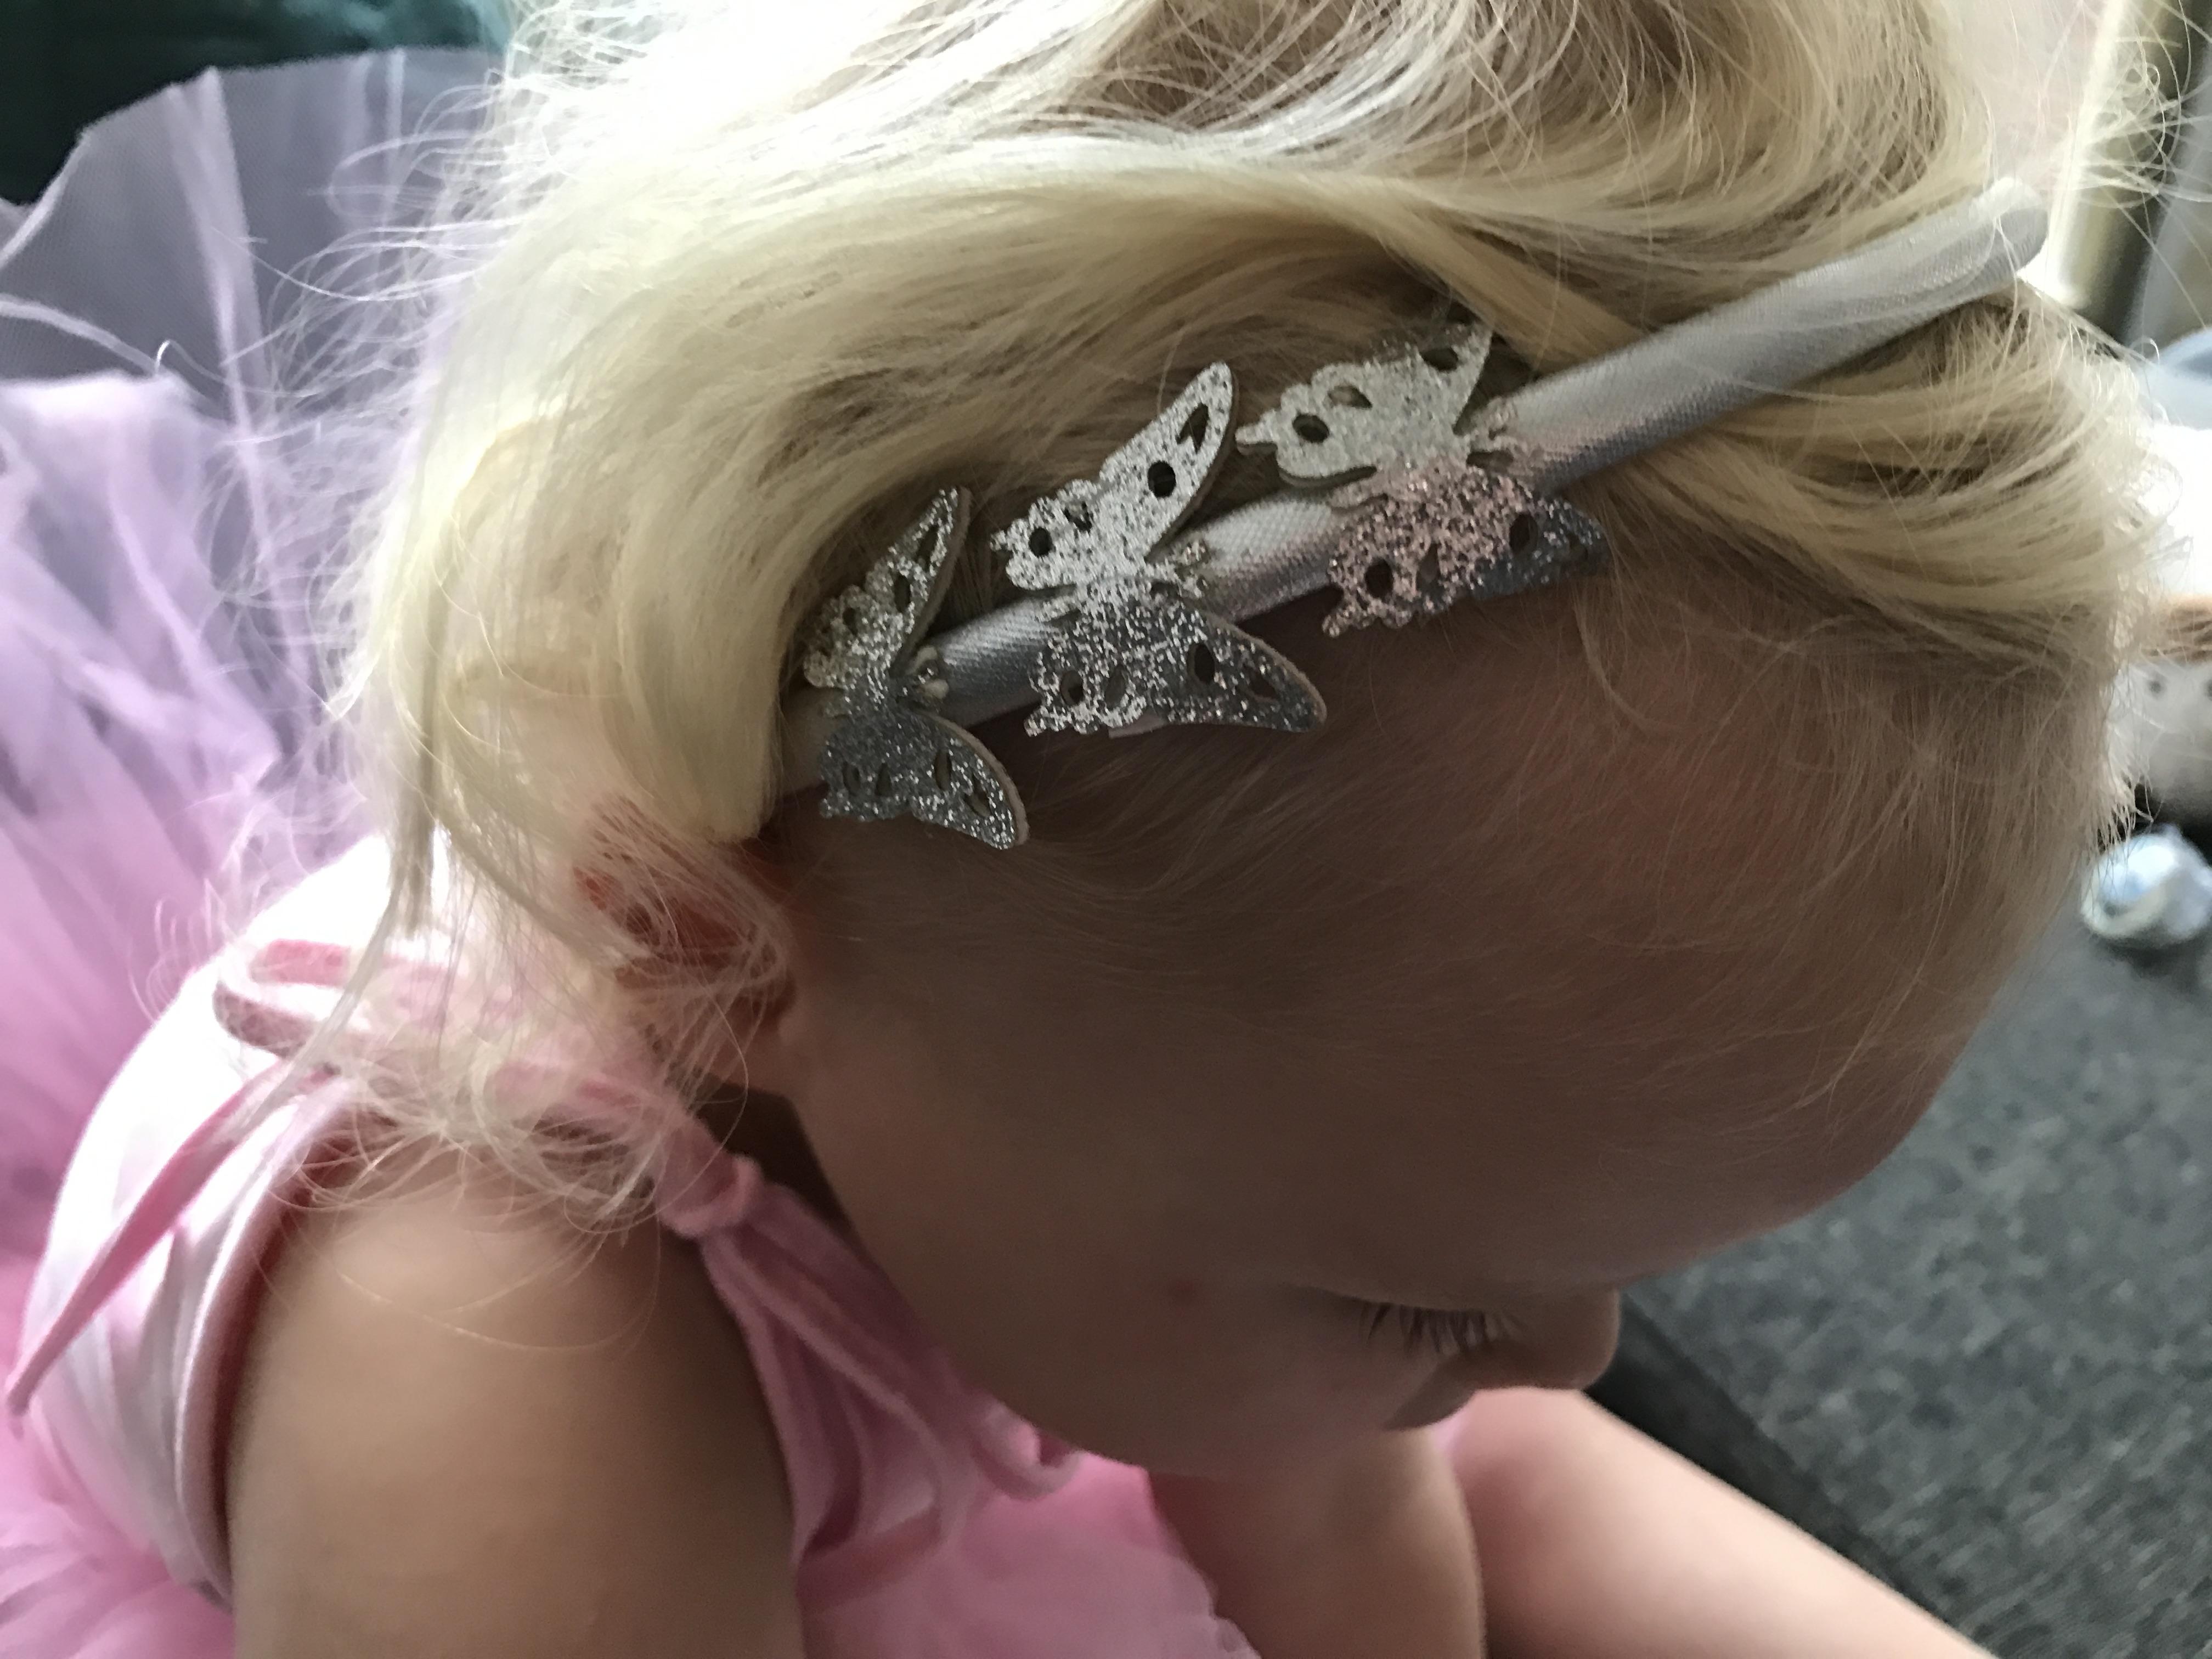 11-16-zenner-haarband-zilver-vlinders-kerst-sinterklaas-cadeau-tip-ballerina-mooi-haar-haaraccessoires-2-jaar-nanny-moeder-amsterdam